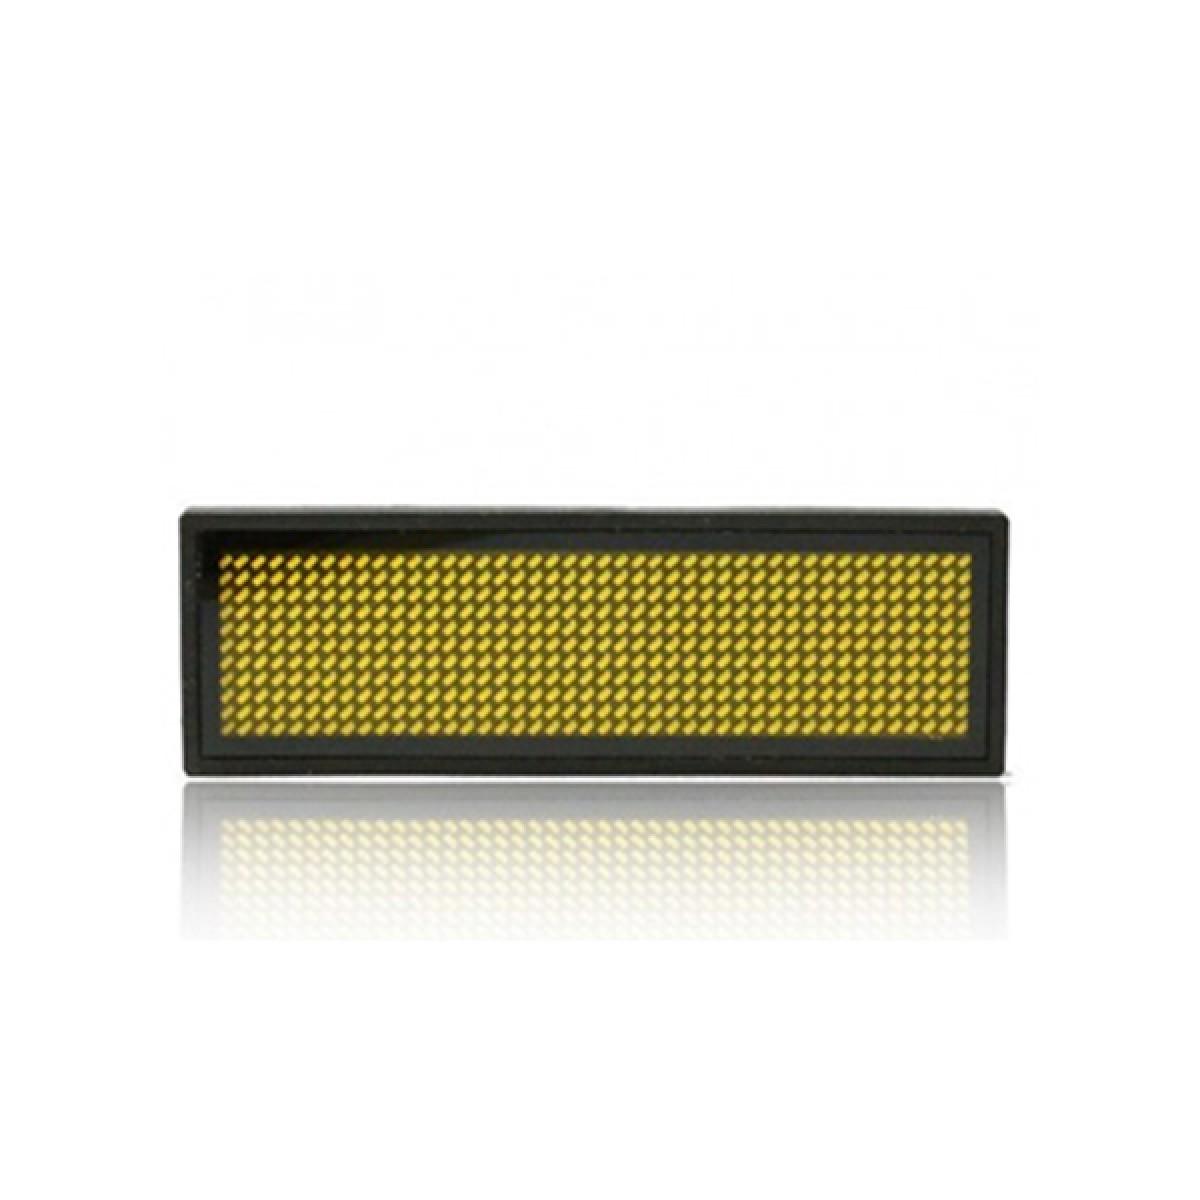 LED Ταμπελάκι τύπου κονκάρδα κυλιόμενων μηνυμάτων κίτρινο χρώμα 10x3 cm B1248